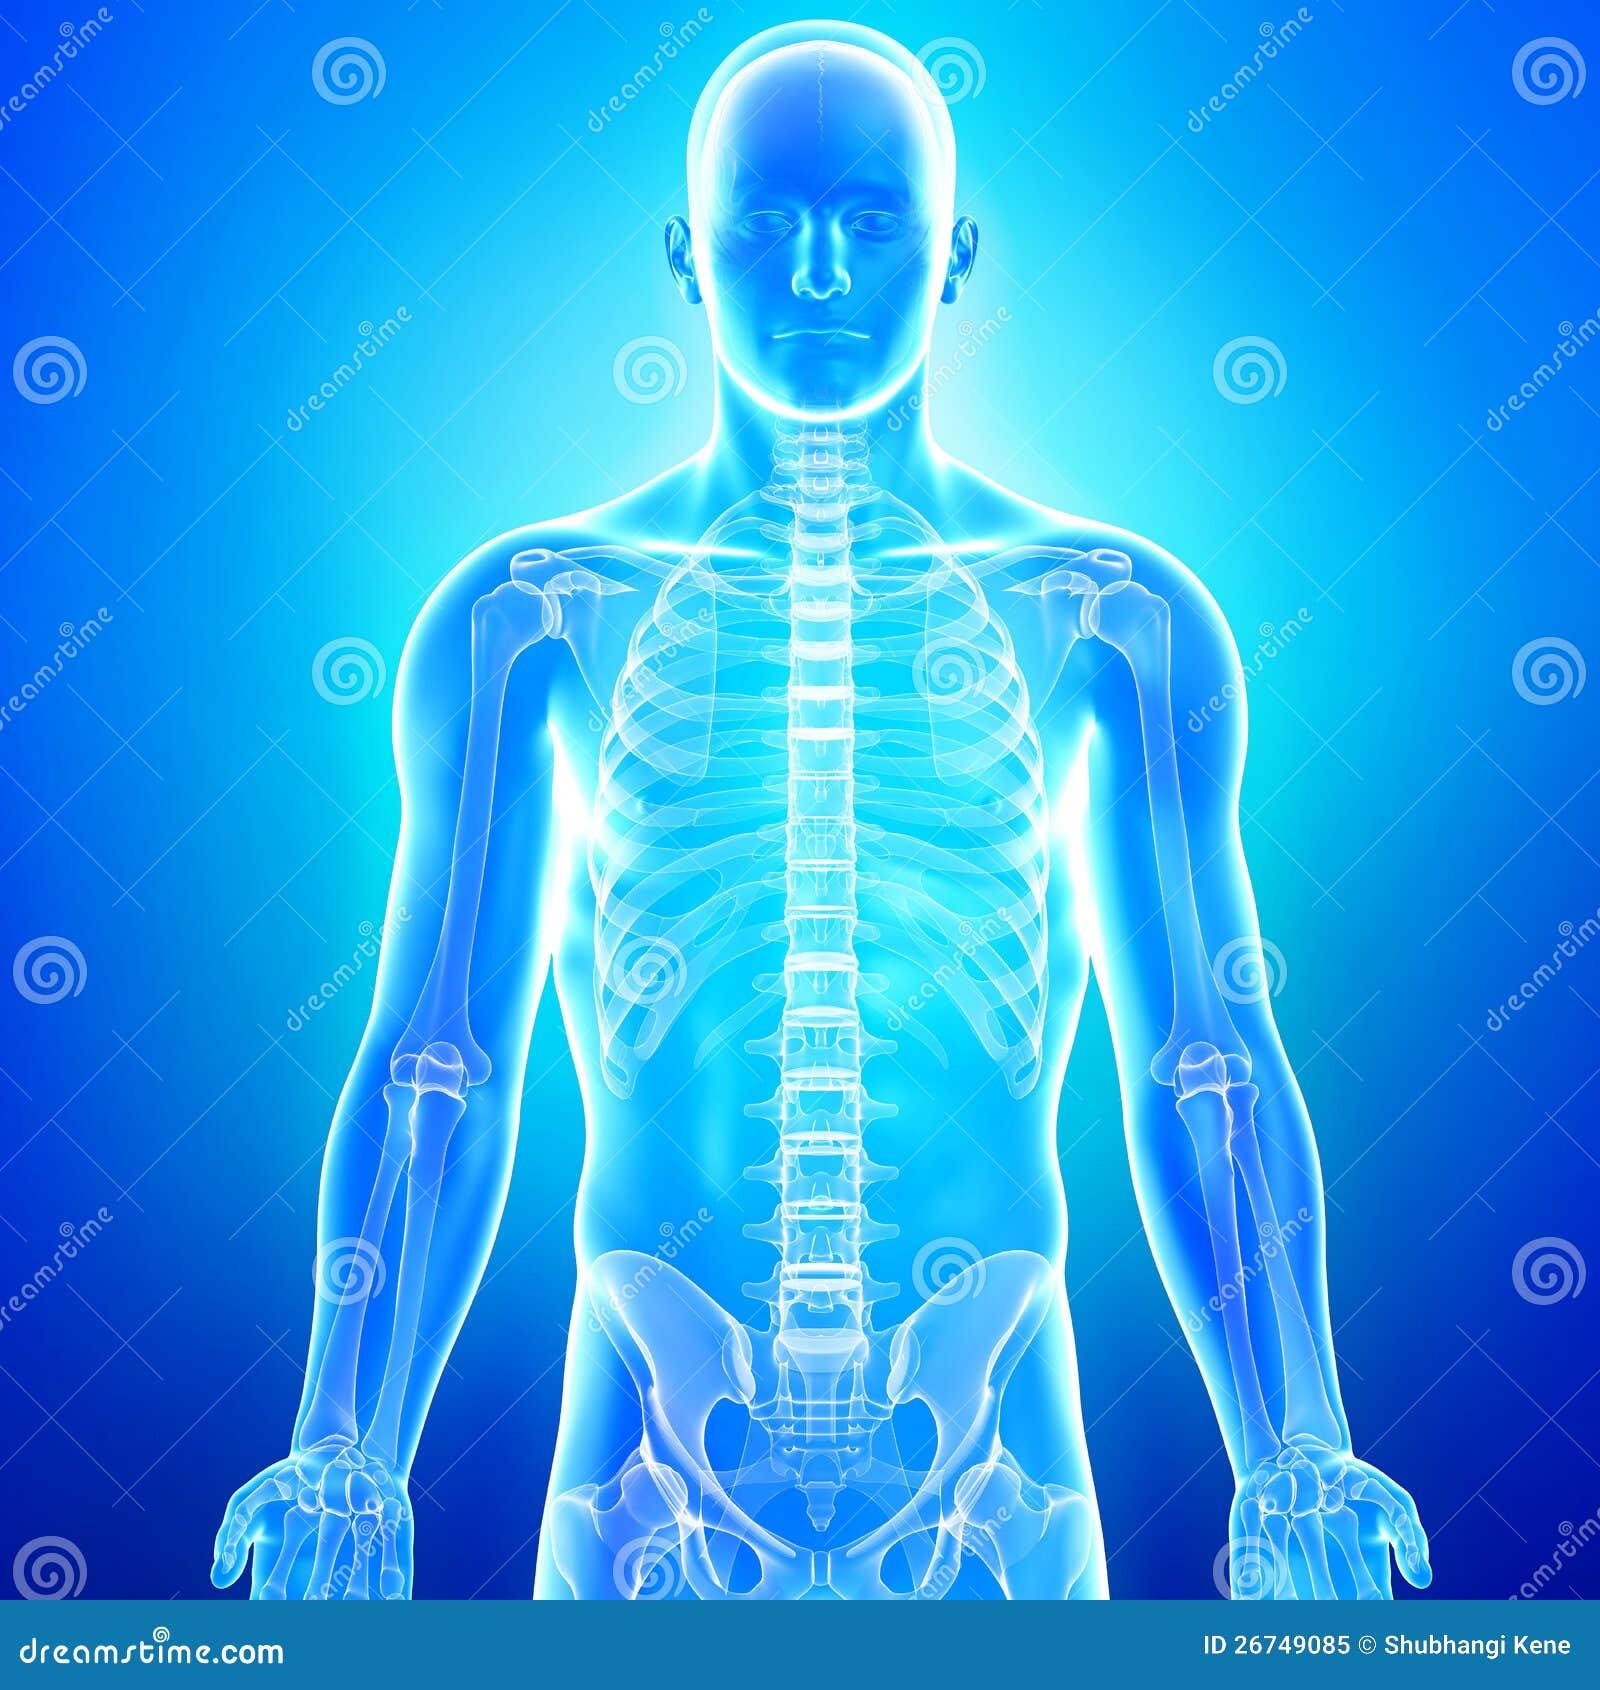 Anatomie Des Menschlichen Körpers Im Blauen Röntgenstrahl Stock ...